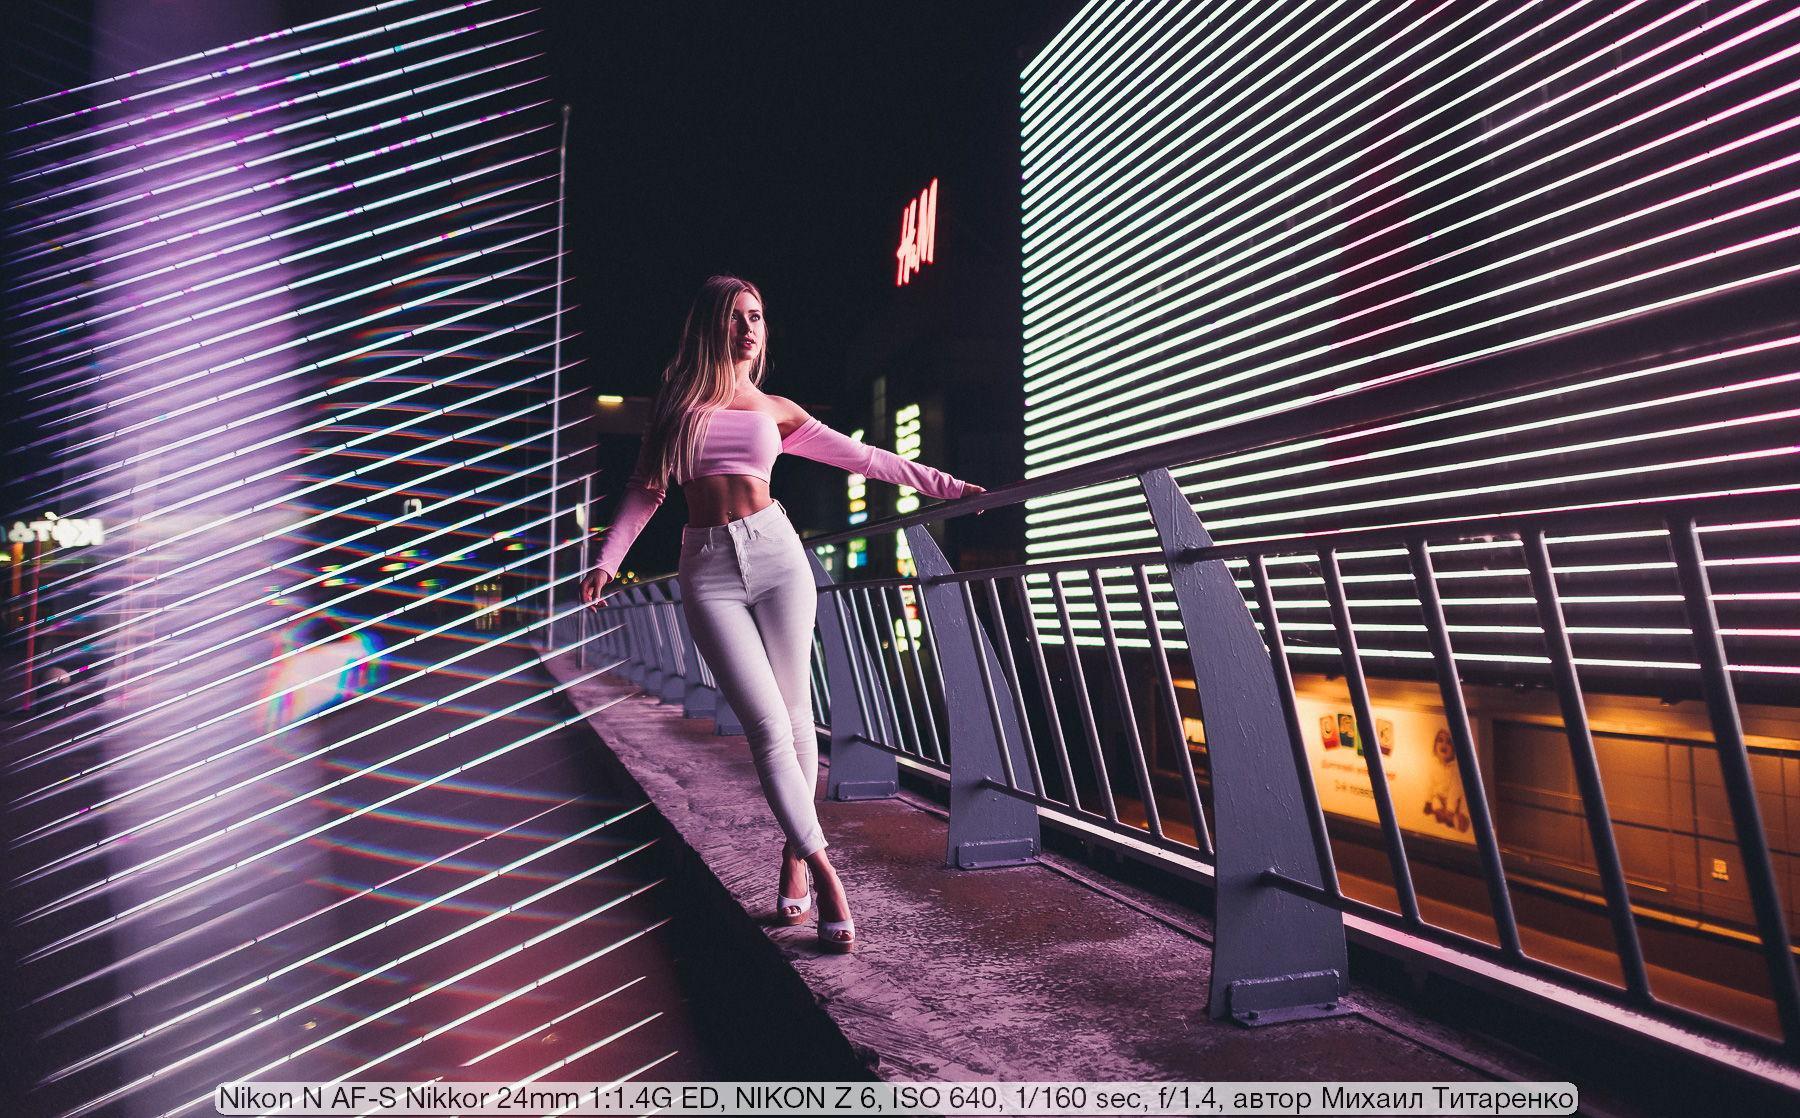 Примеры фотографий на Nikon N AF-S Nikkor 24mm 1:1.4G ED